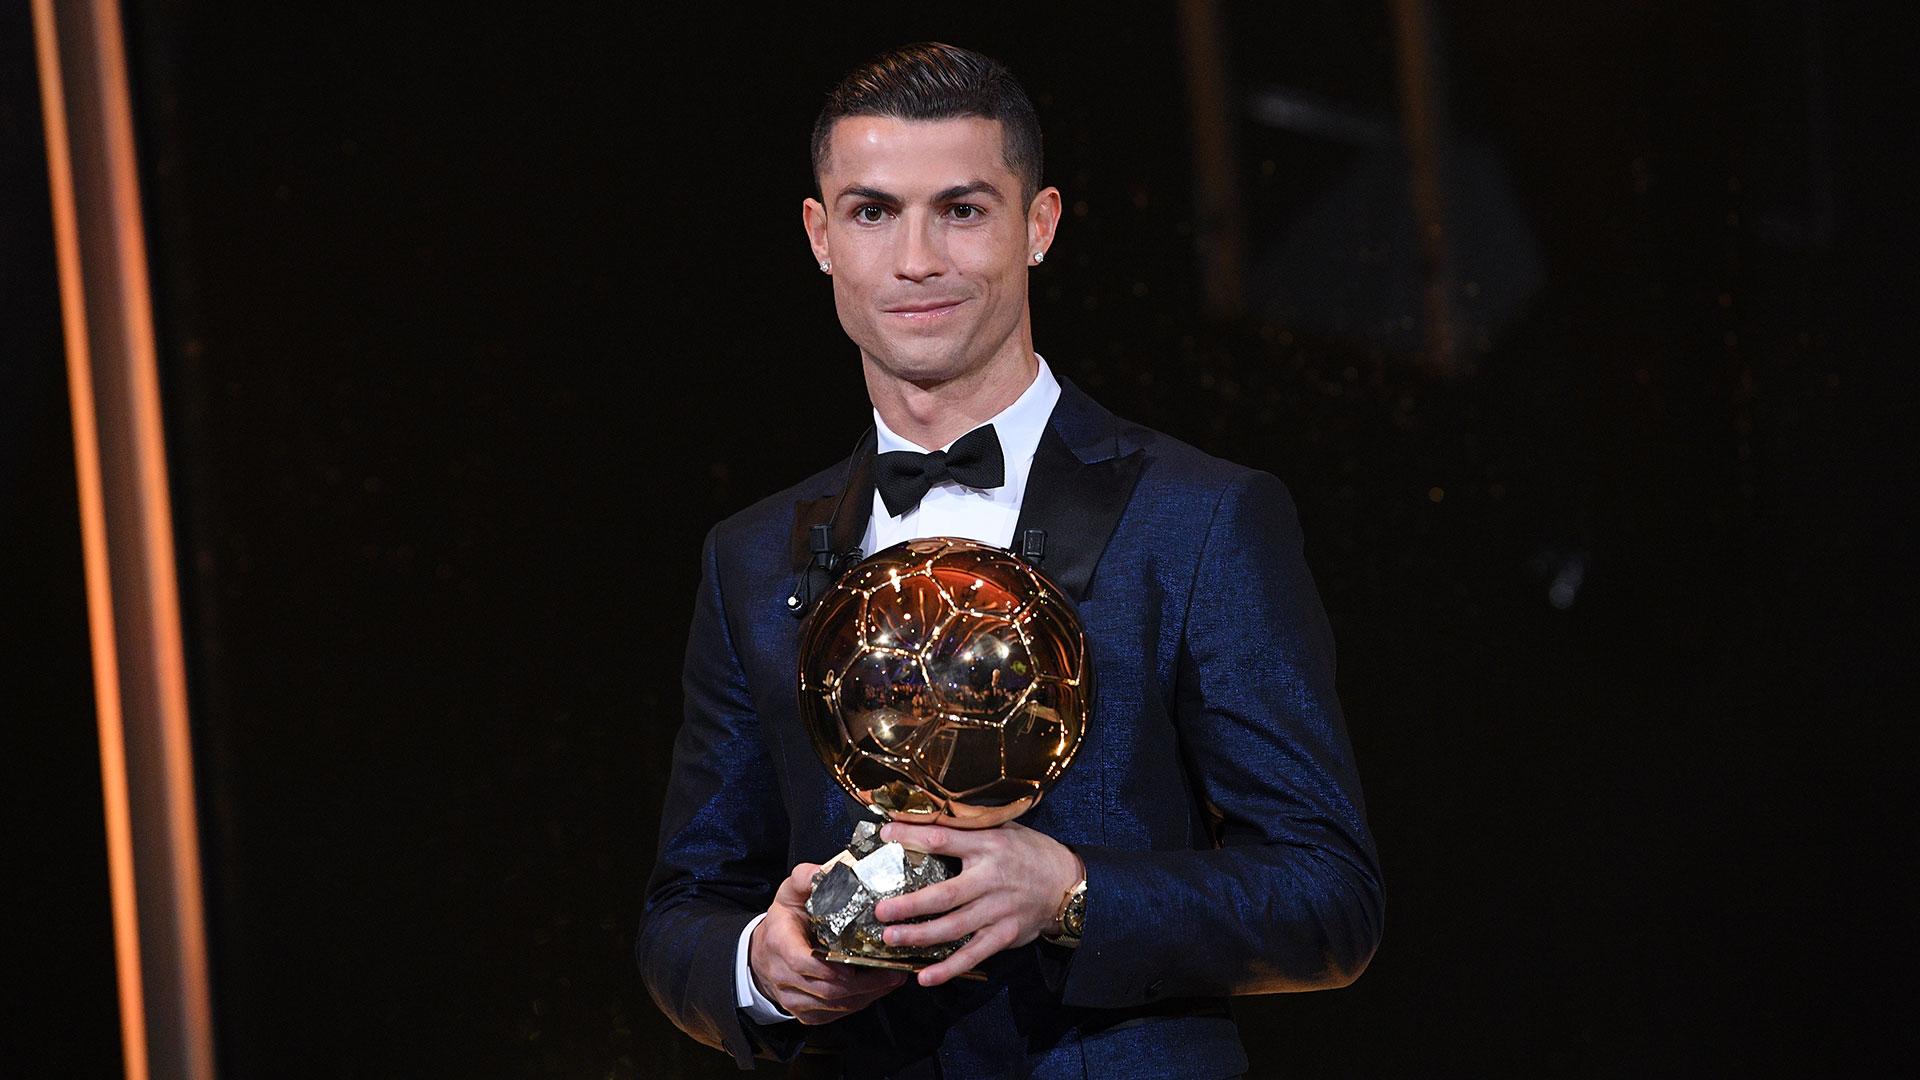 Cristiano Ronaldo, Portugal, 31 años, en pareja (AFP)